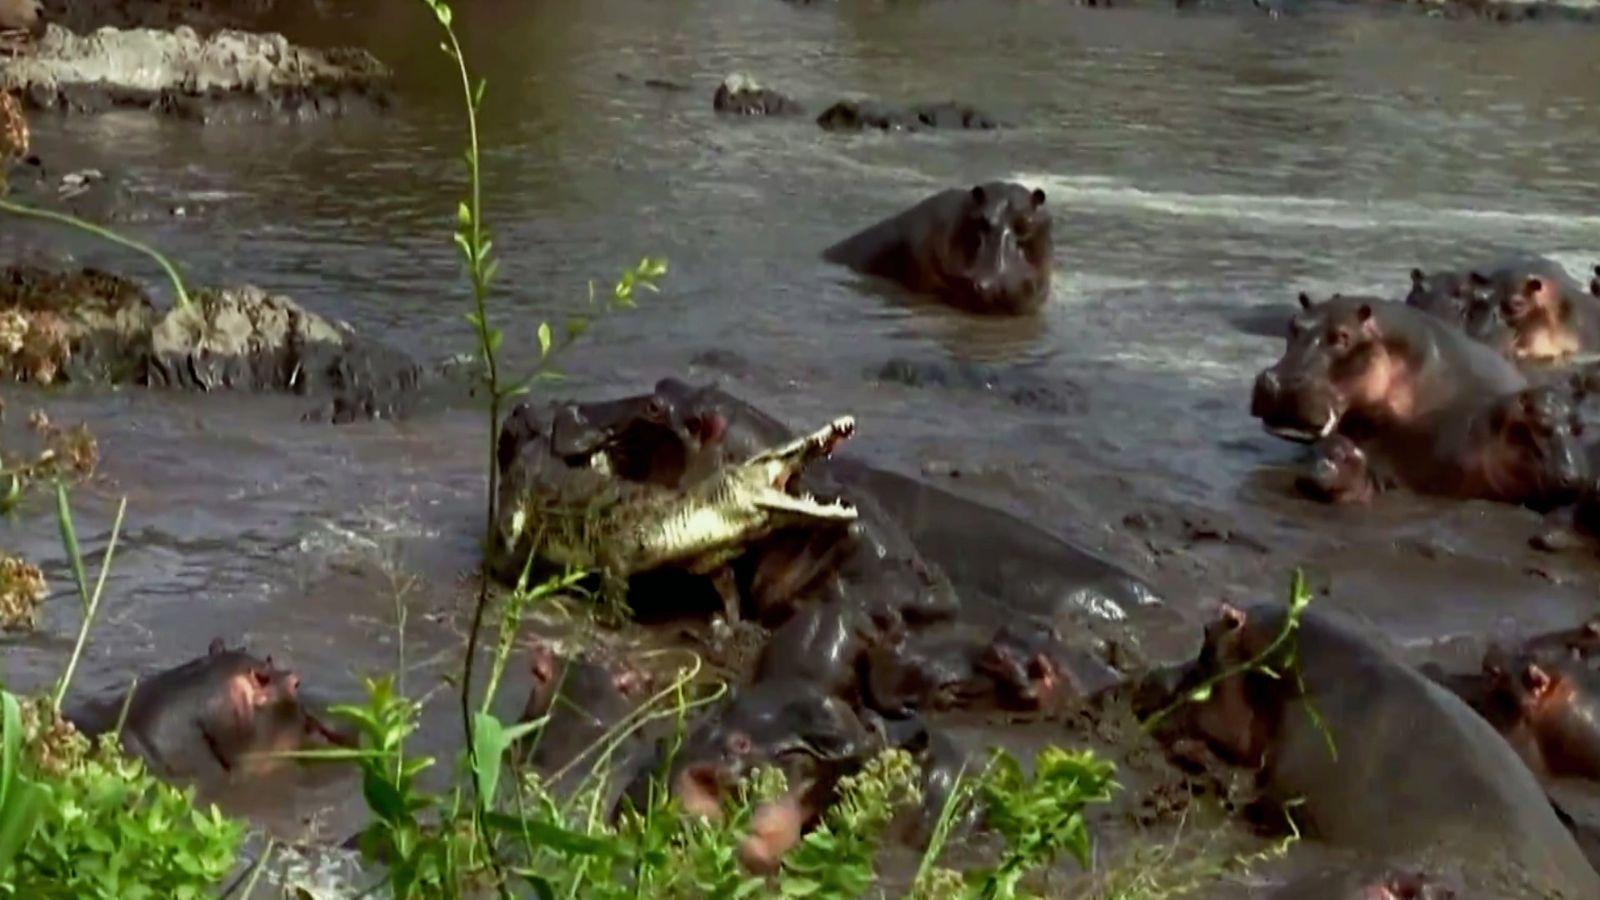 Un crocodile se bat contre des hippopotames